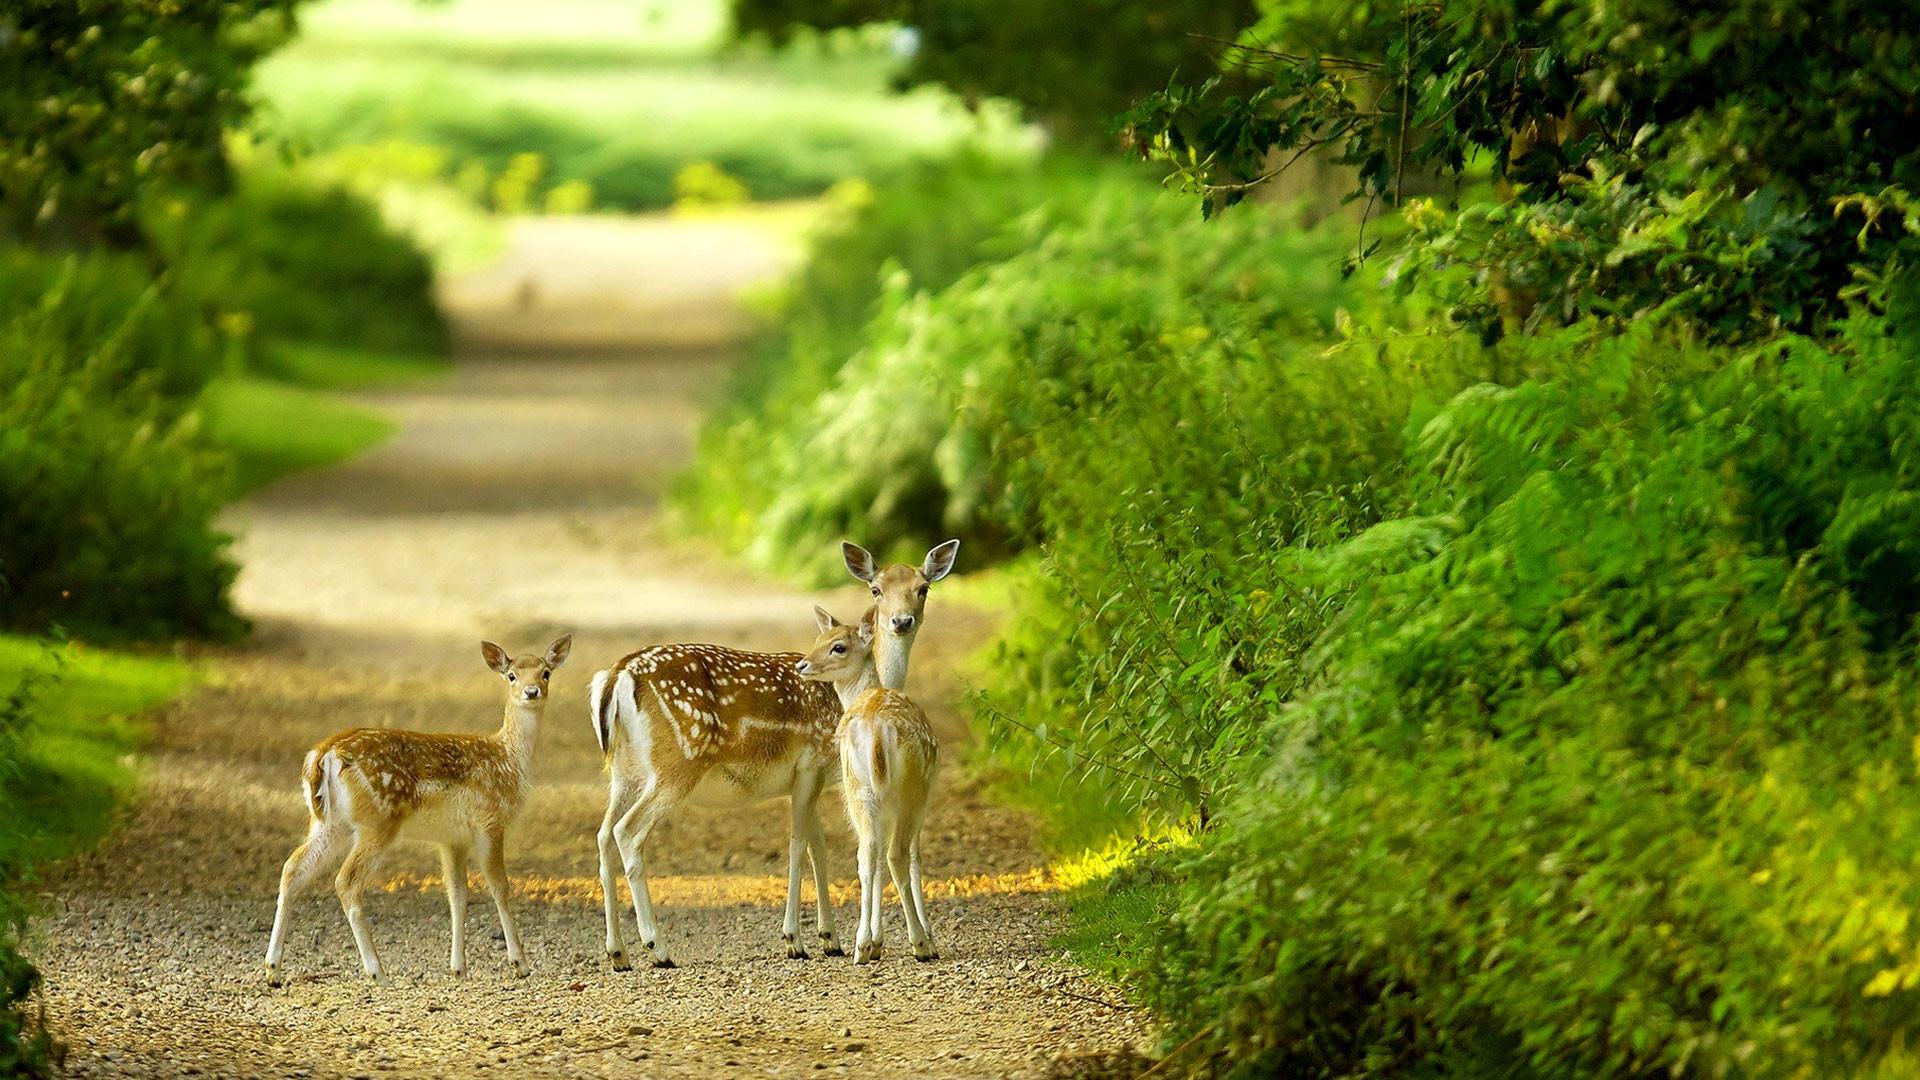 Beautiful baby deer pictures hd 1080p desktop.